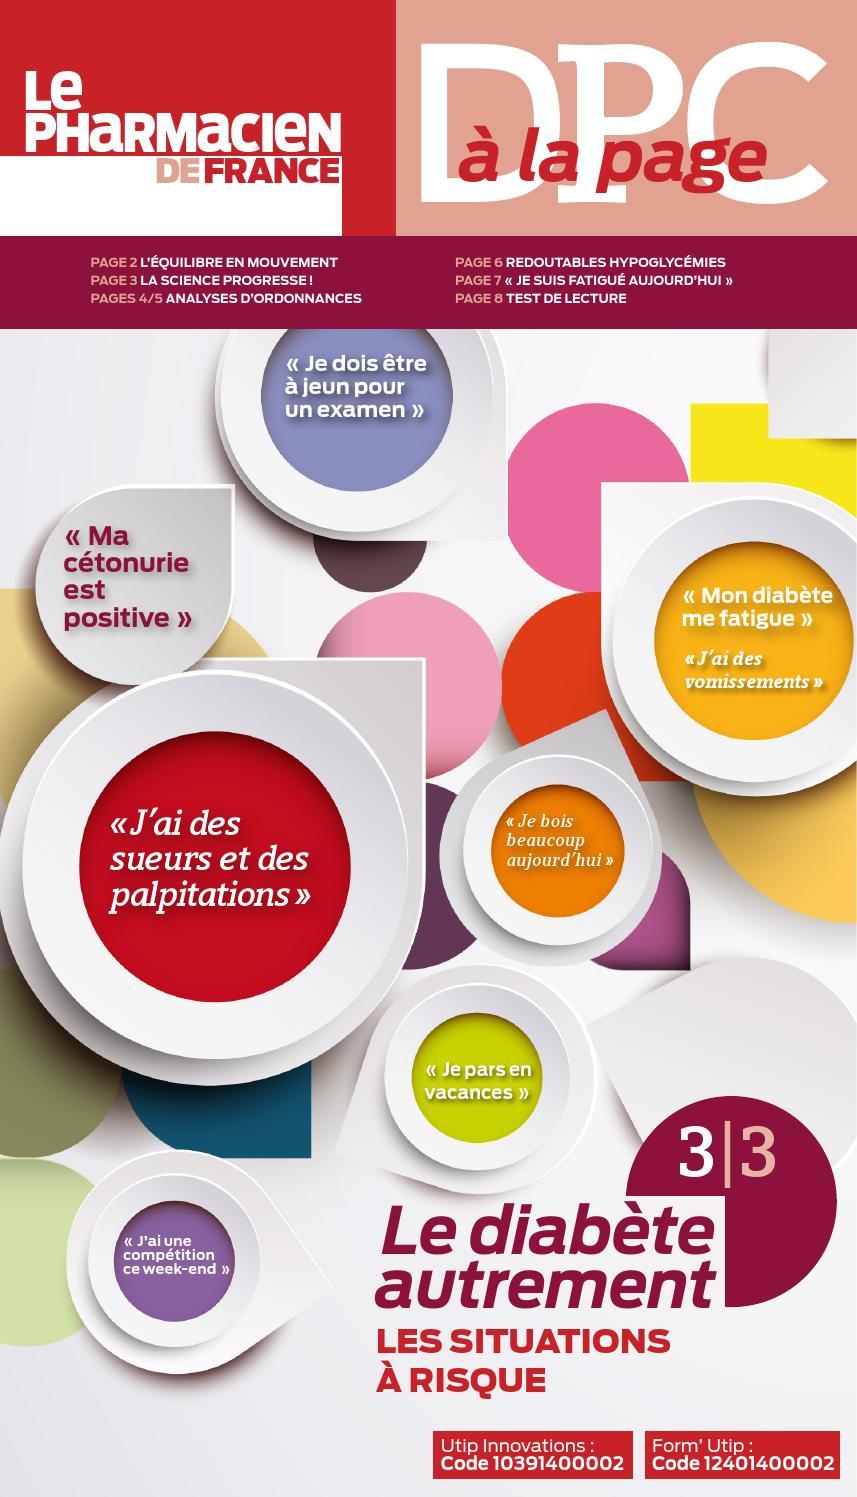 DPC à la page Diabète 3/3 by LAURENT SIMON - issuu